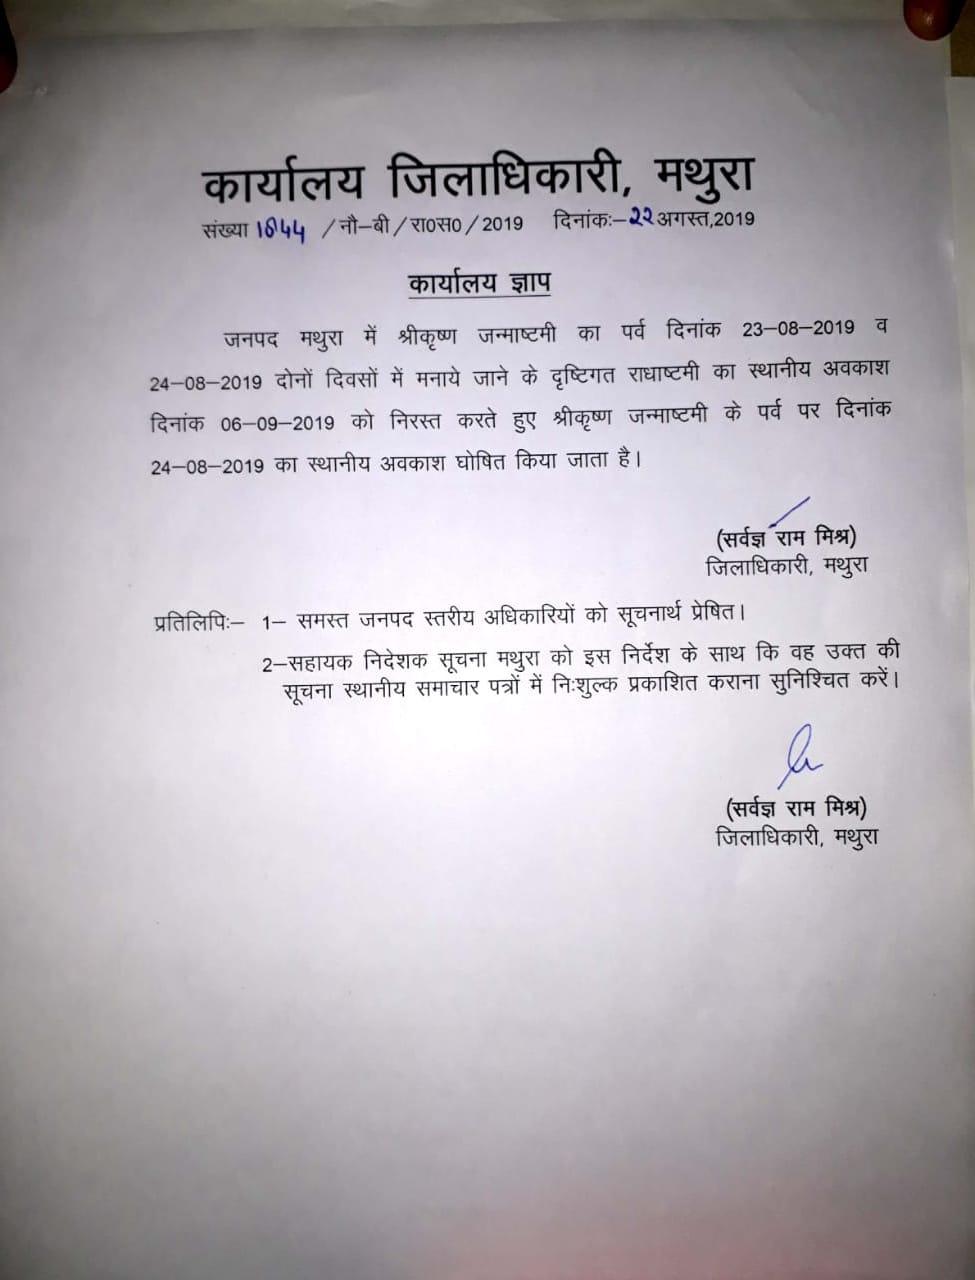 Mathura:- श्री कृष्ण जन्माष्टमी के पर्व पर 23 व 24 अगस्त का अवकाश घोषित